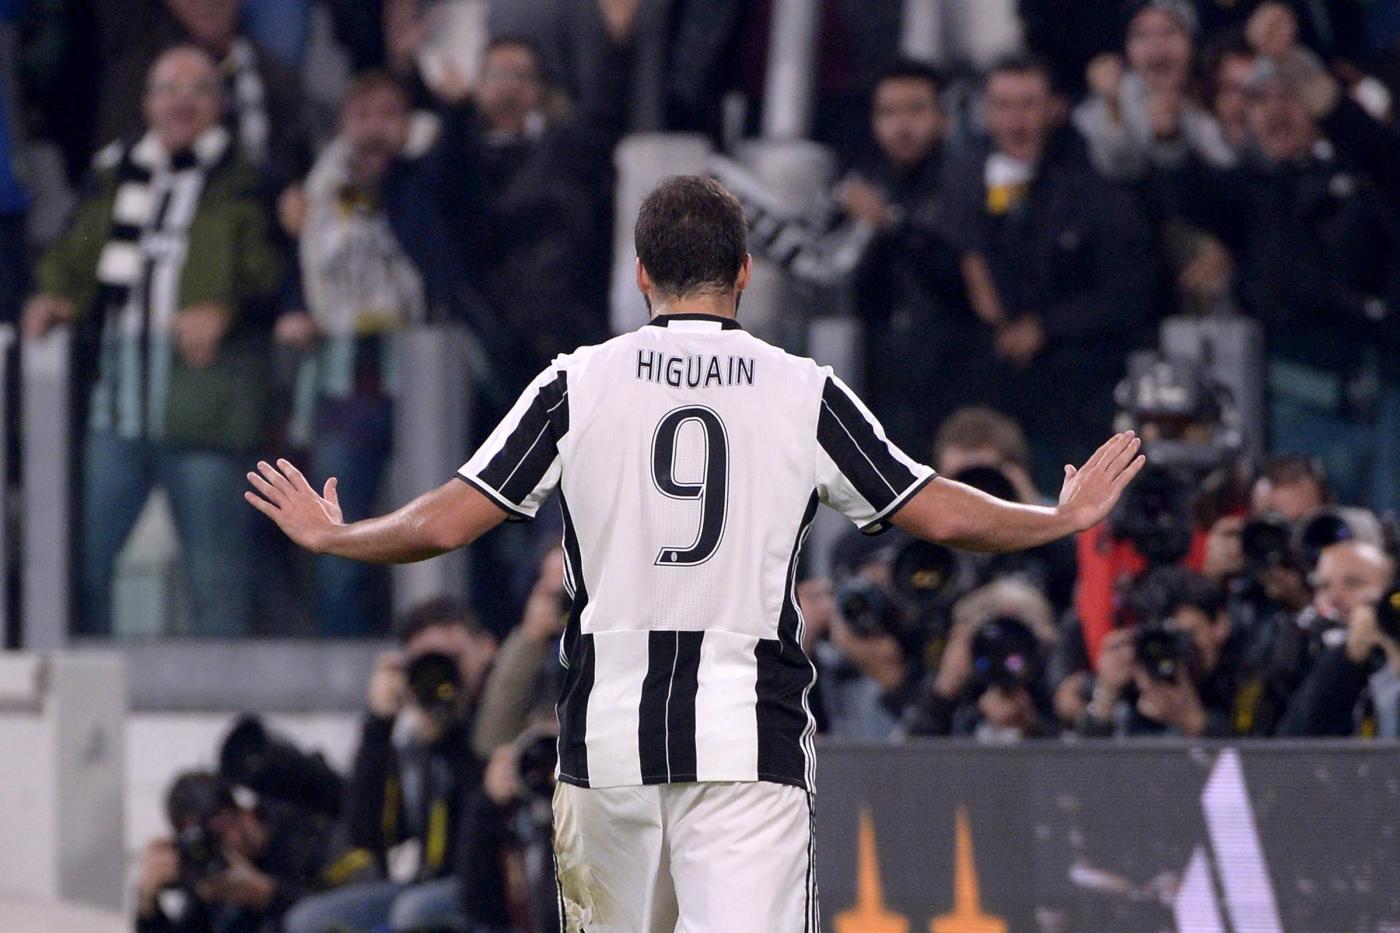 Serie A: Higuain ritrova il Napoli, la Juventus prova a scappare